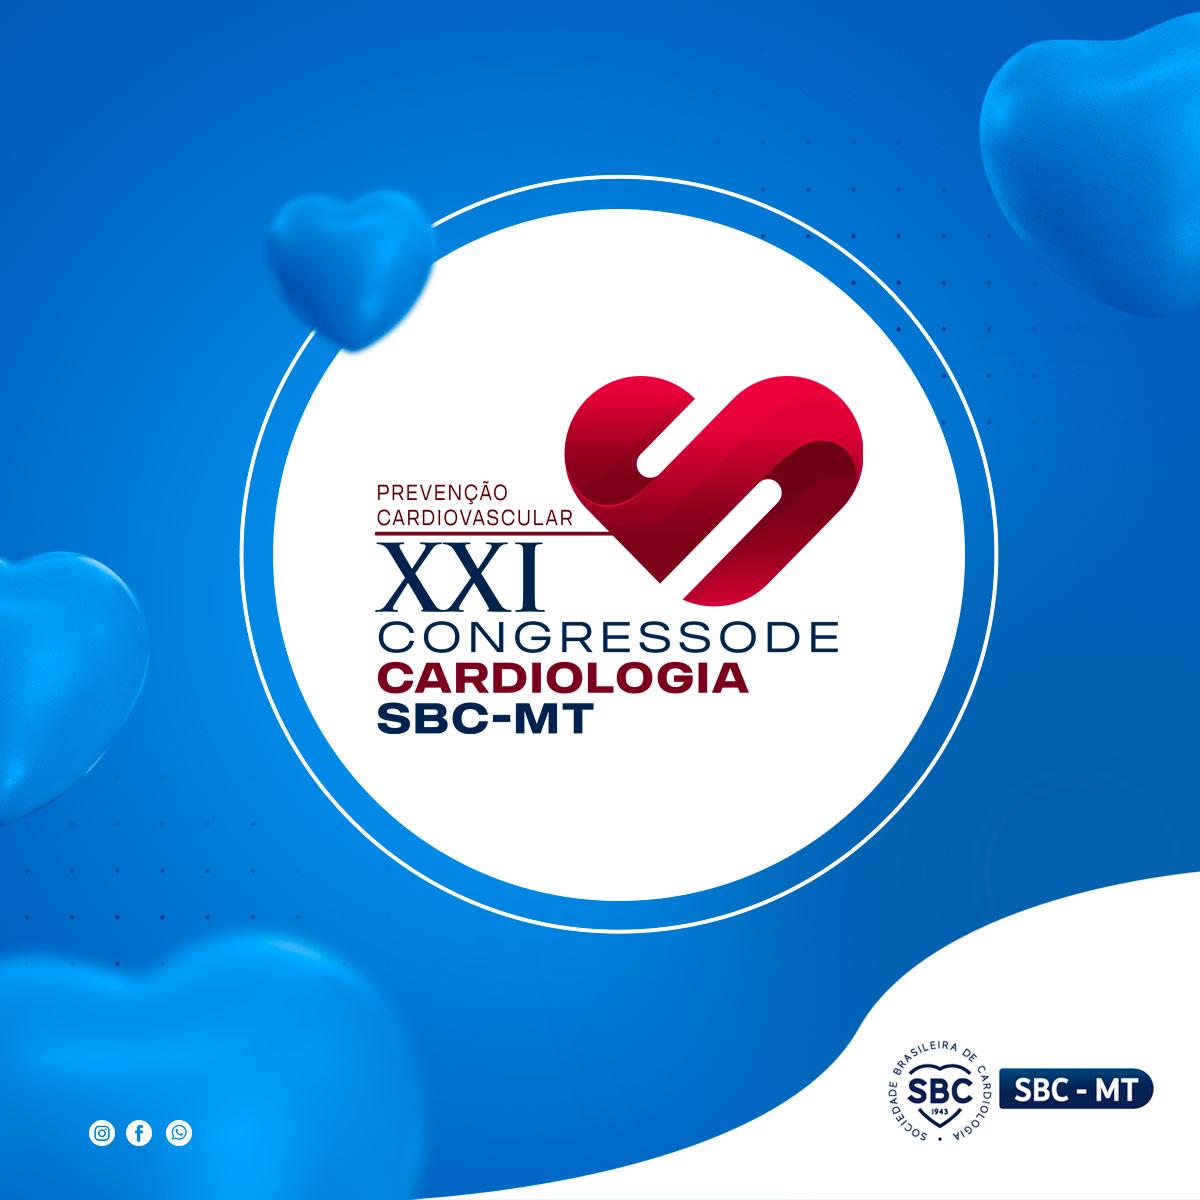 XXI Congresso de Cardiologia de Mato Grosso